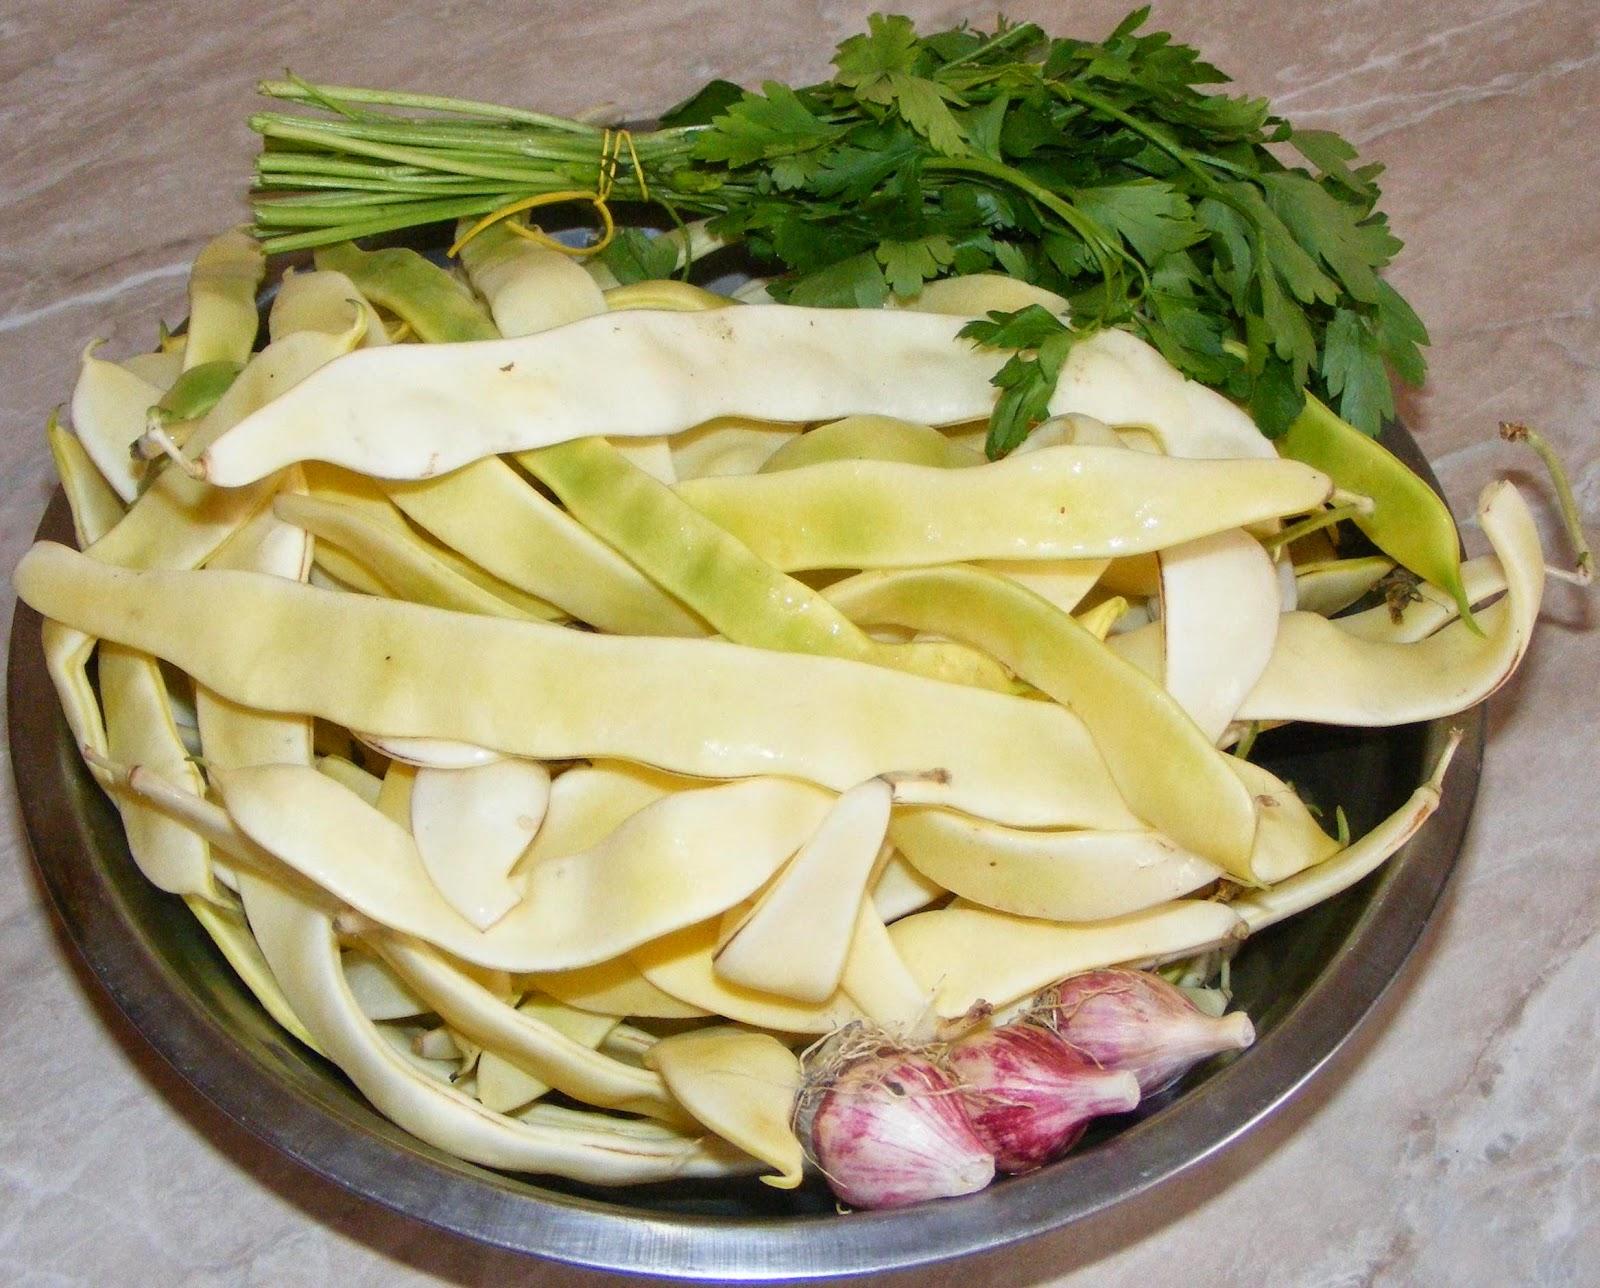 retete si preparate culinare cu fasole verde, fasole pastai, fasole verde, ingrediente pentru salata de fasole verde, cum se prepara salata de fasole verde,